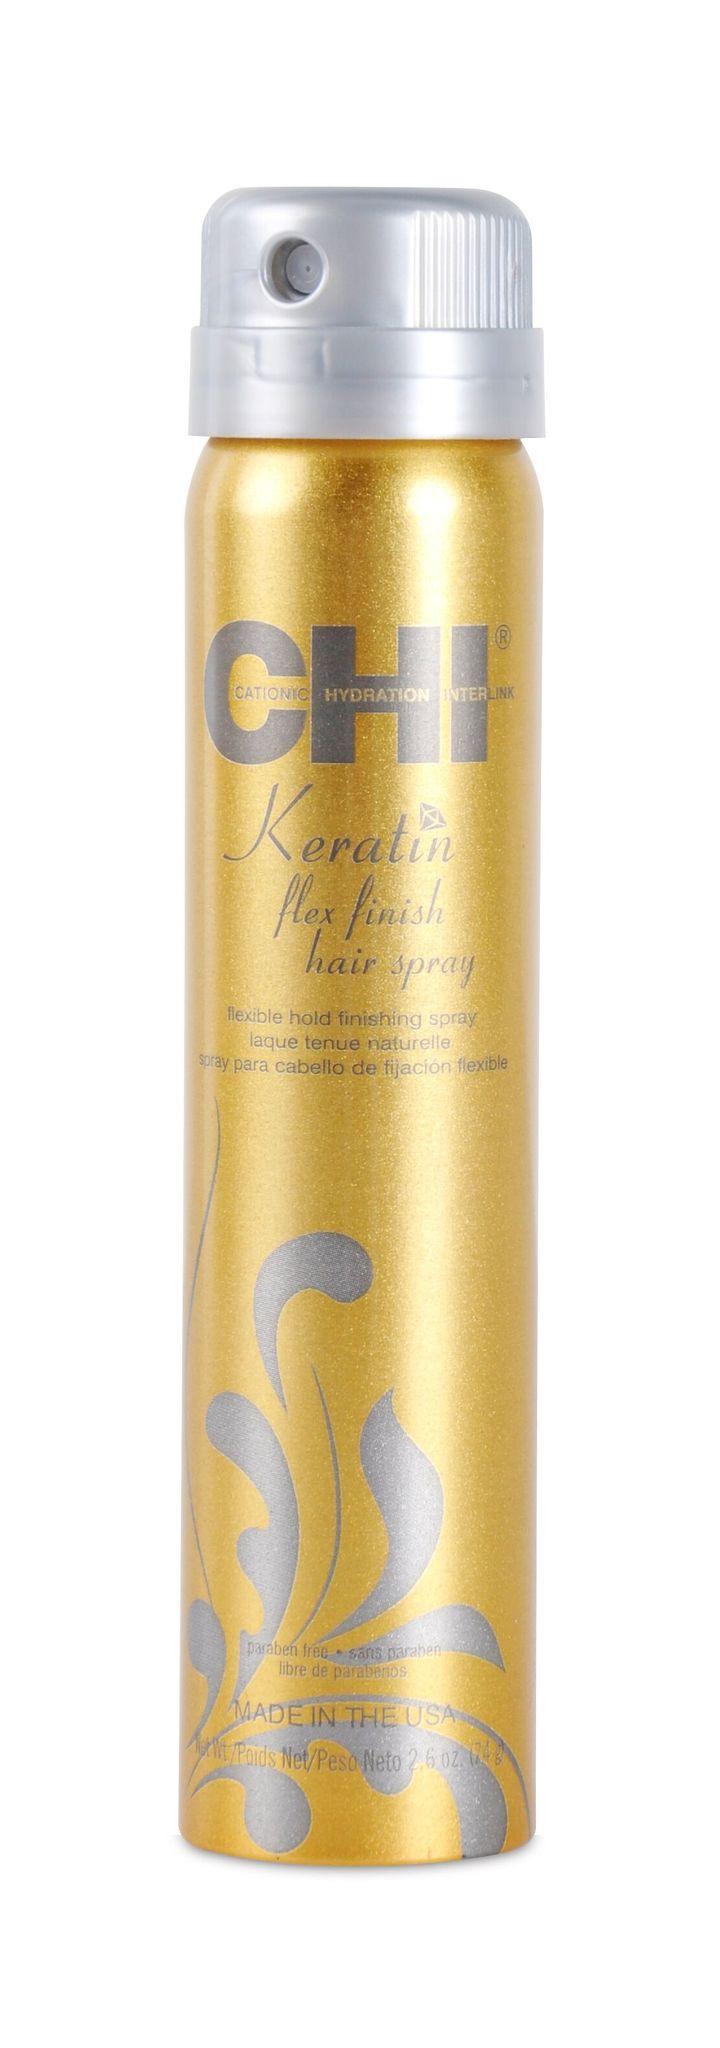 Лак для волос сильной фиксации с кератином / CHI Keratin Flexible Hold Hairspray 74г